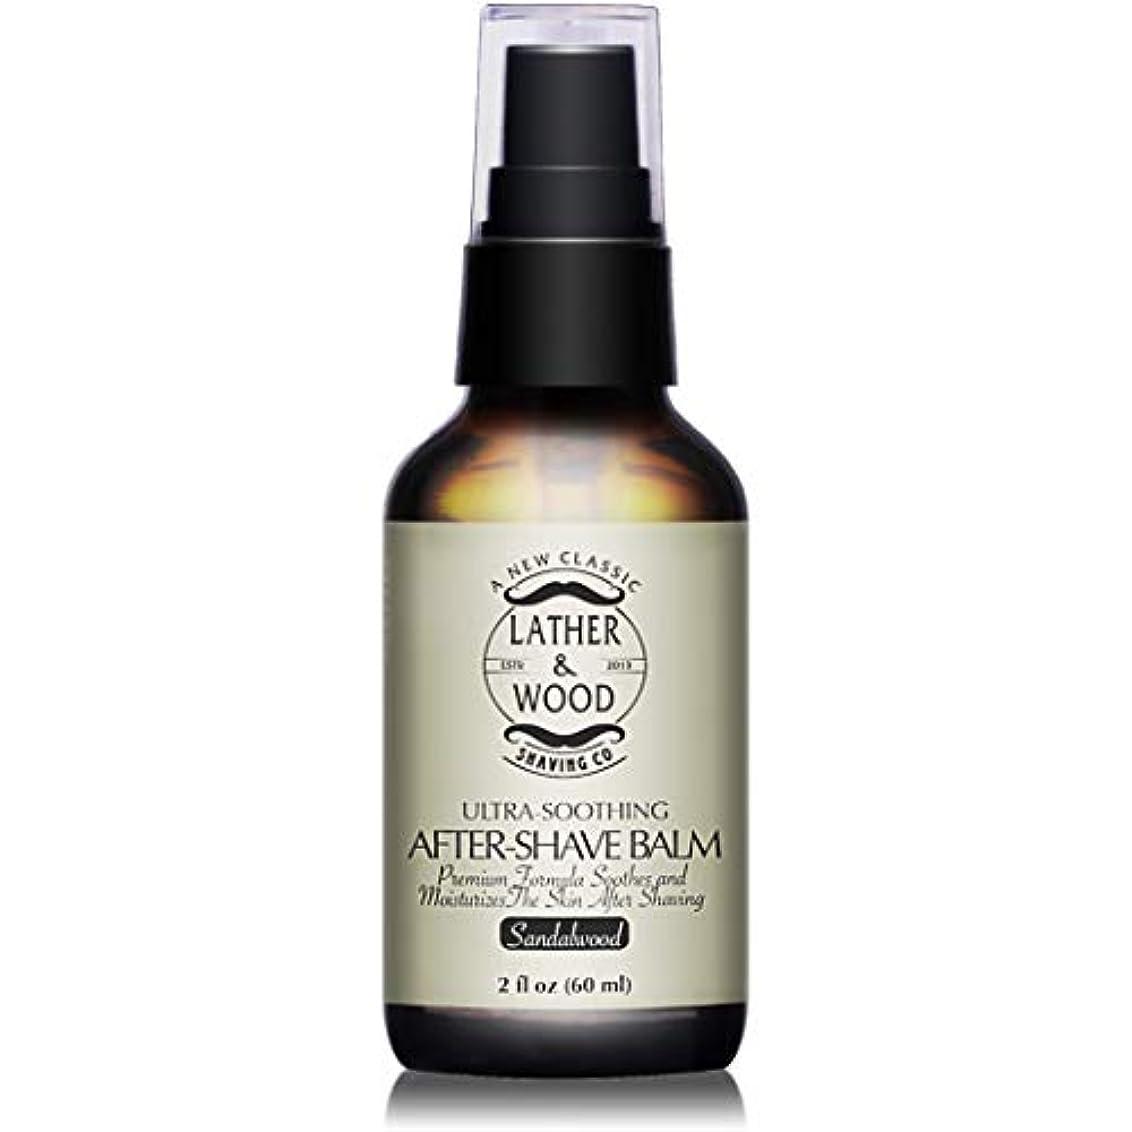 献身漁師監督するBest After-shave Balm, Sandalwood Scent, Premium Aftershave Lotion, Soothes and Moisturizes Face after shaving...